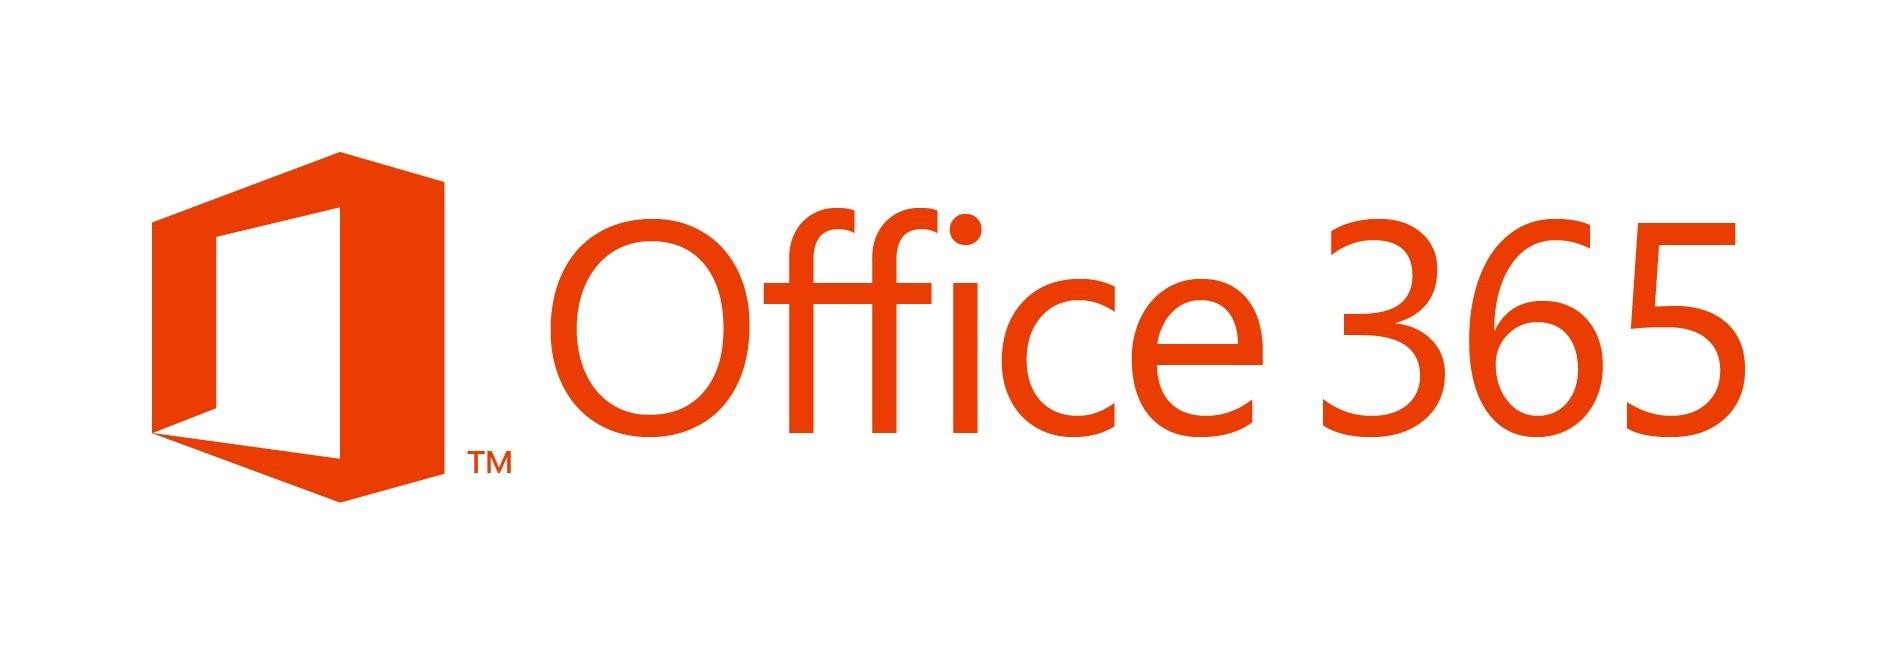 微软宣布将停止提供免费试用版office 365图片